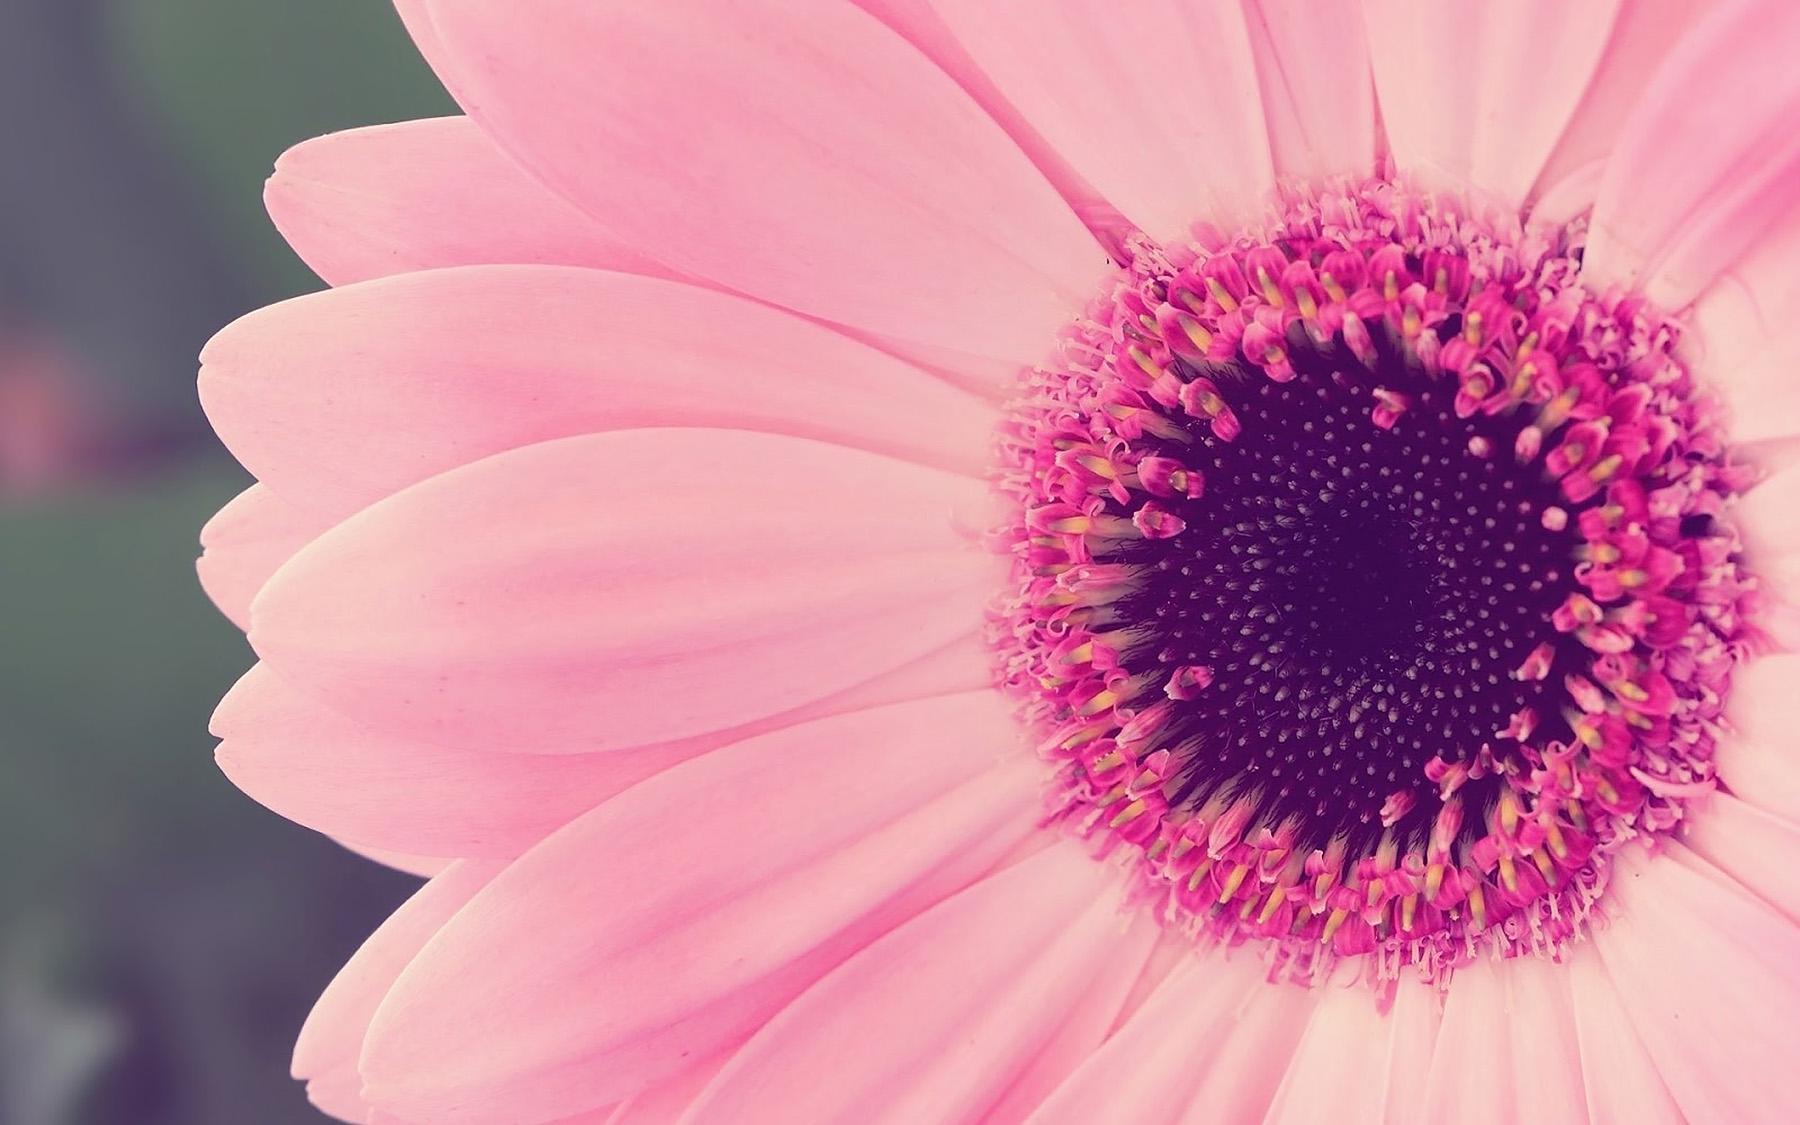 Rožinis gerberos žiedas iš arti (macro foto)